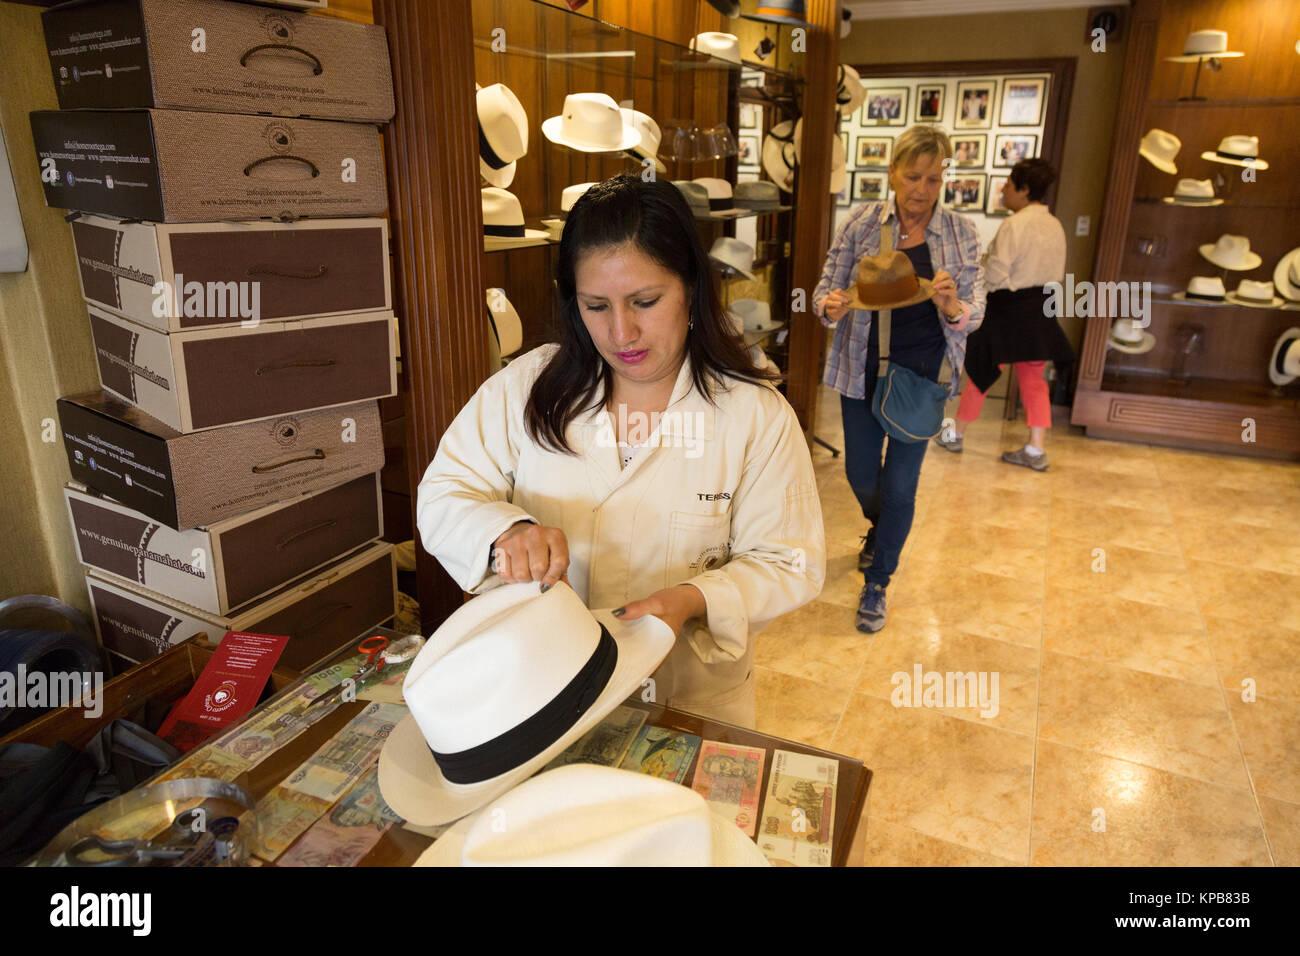 2f7d74dfec4e0 Una mujer que vendía sombreros de Panamá en una fábrica de sombreros panamá  shop